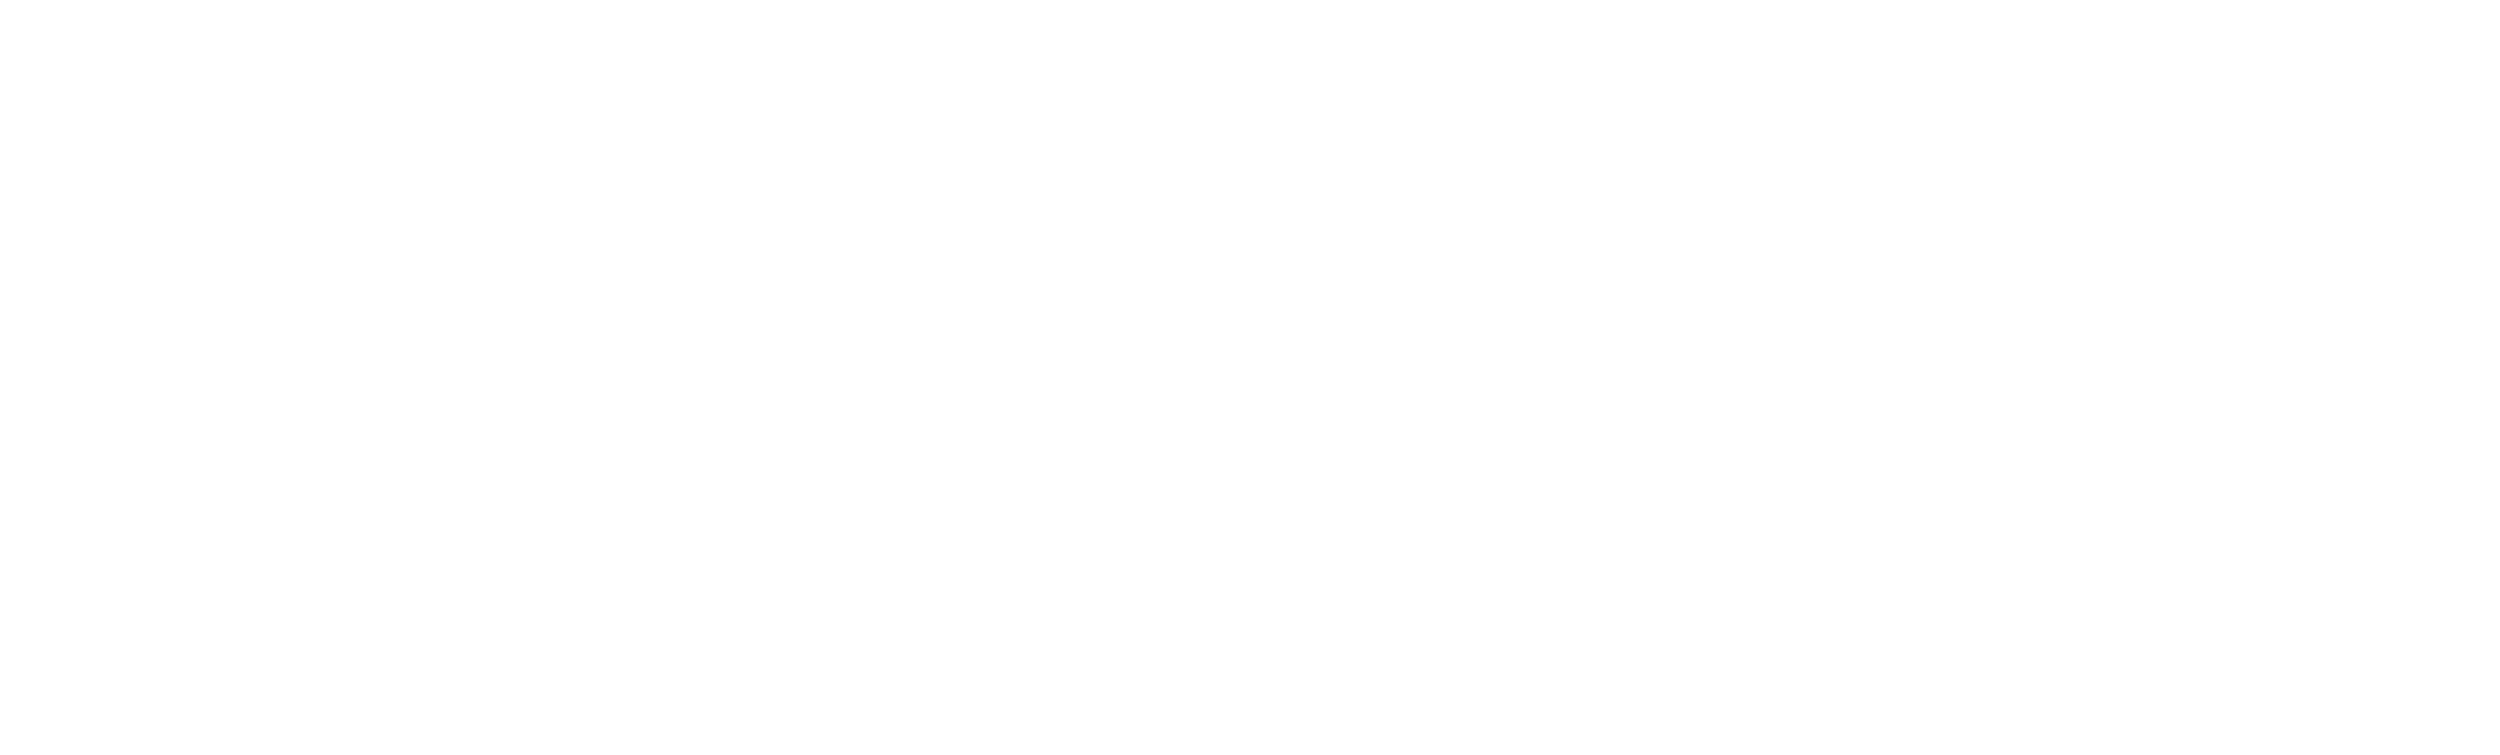 141490005811489798026274.spotify-logo-horizontal-white-rgb.png